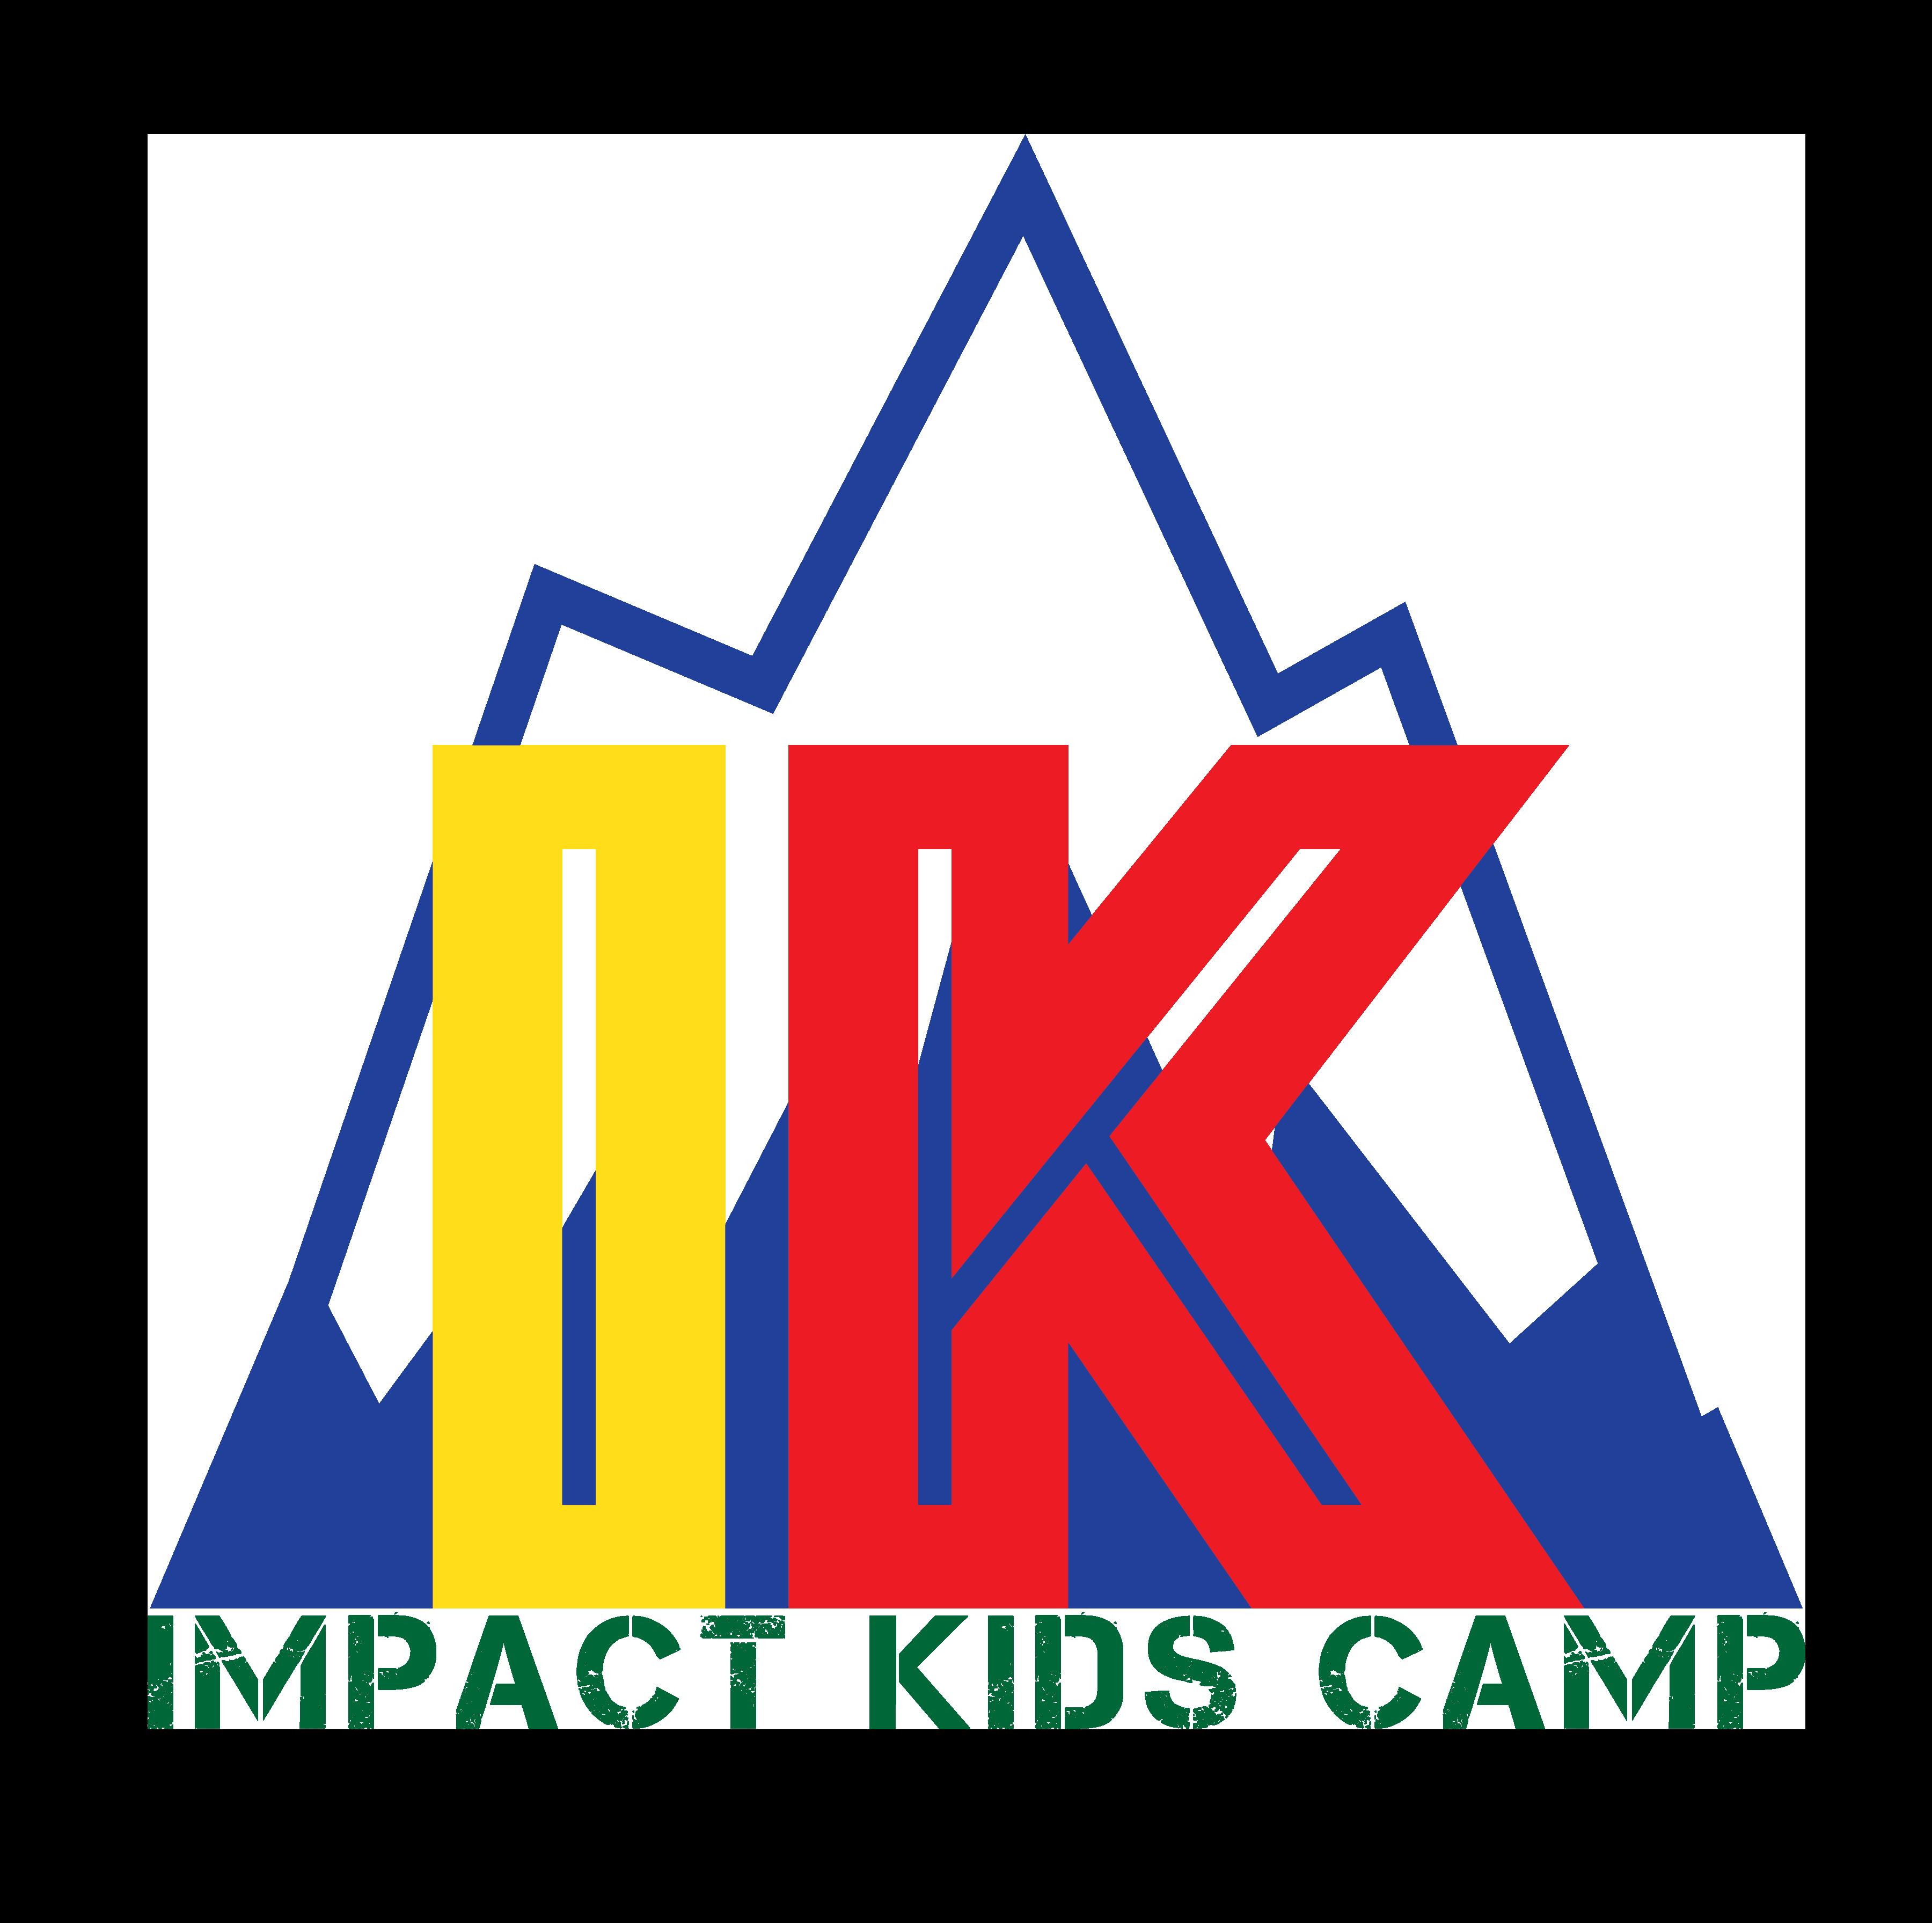 Impact kids camp logo